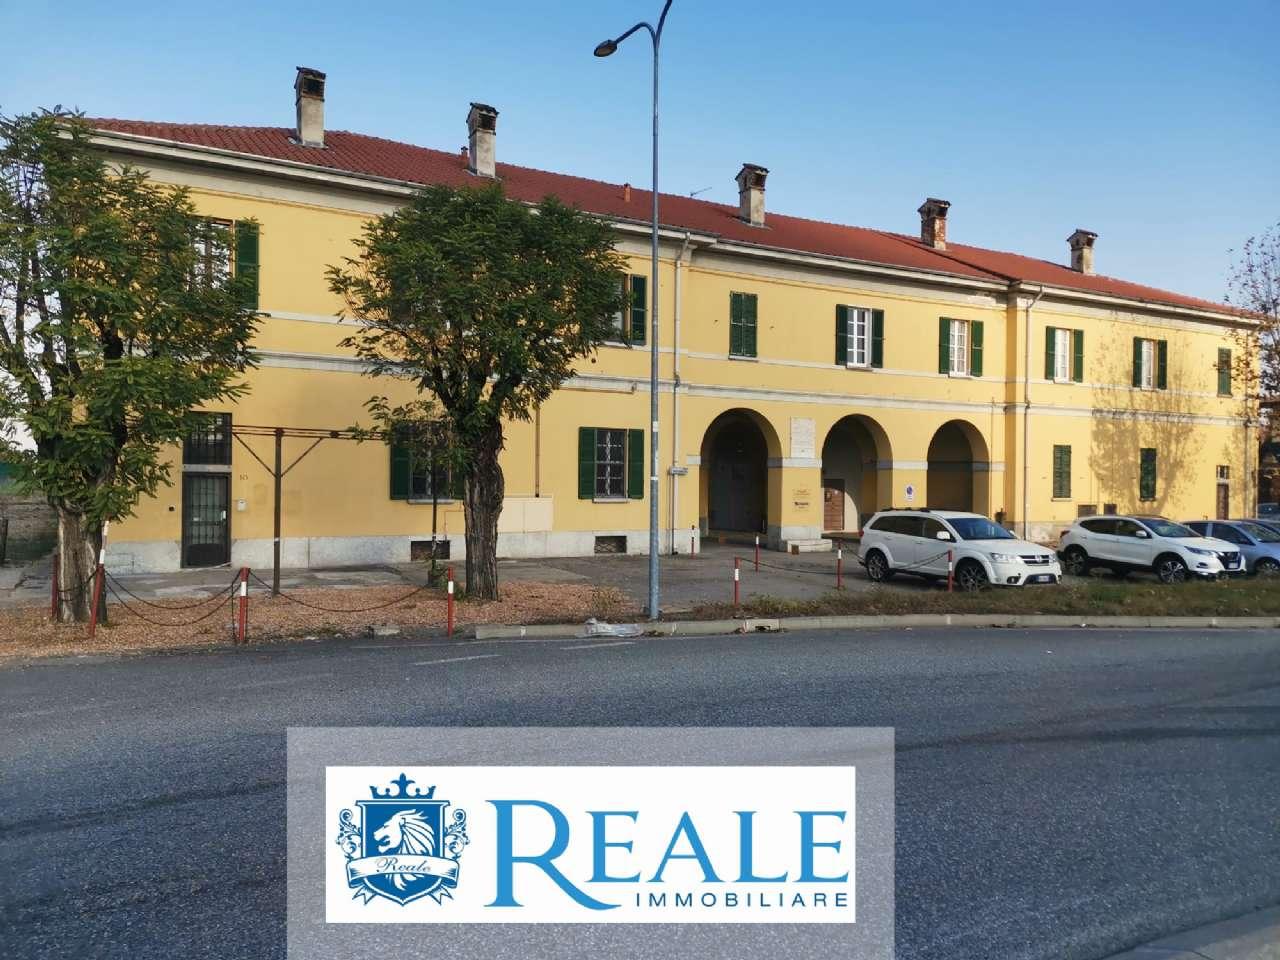 Negozio / Locale in affitto a Trecate, 4 locali, prezzo € 1.500   PortaleAgenzieImmobiliari.it